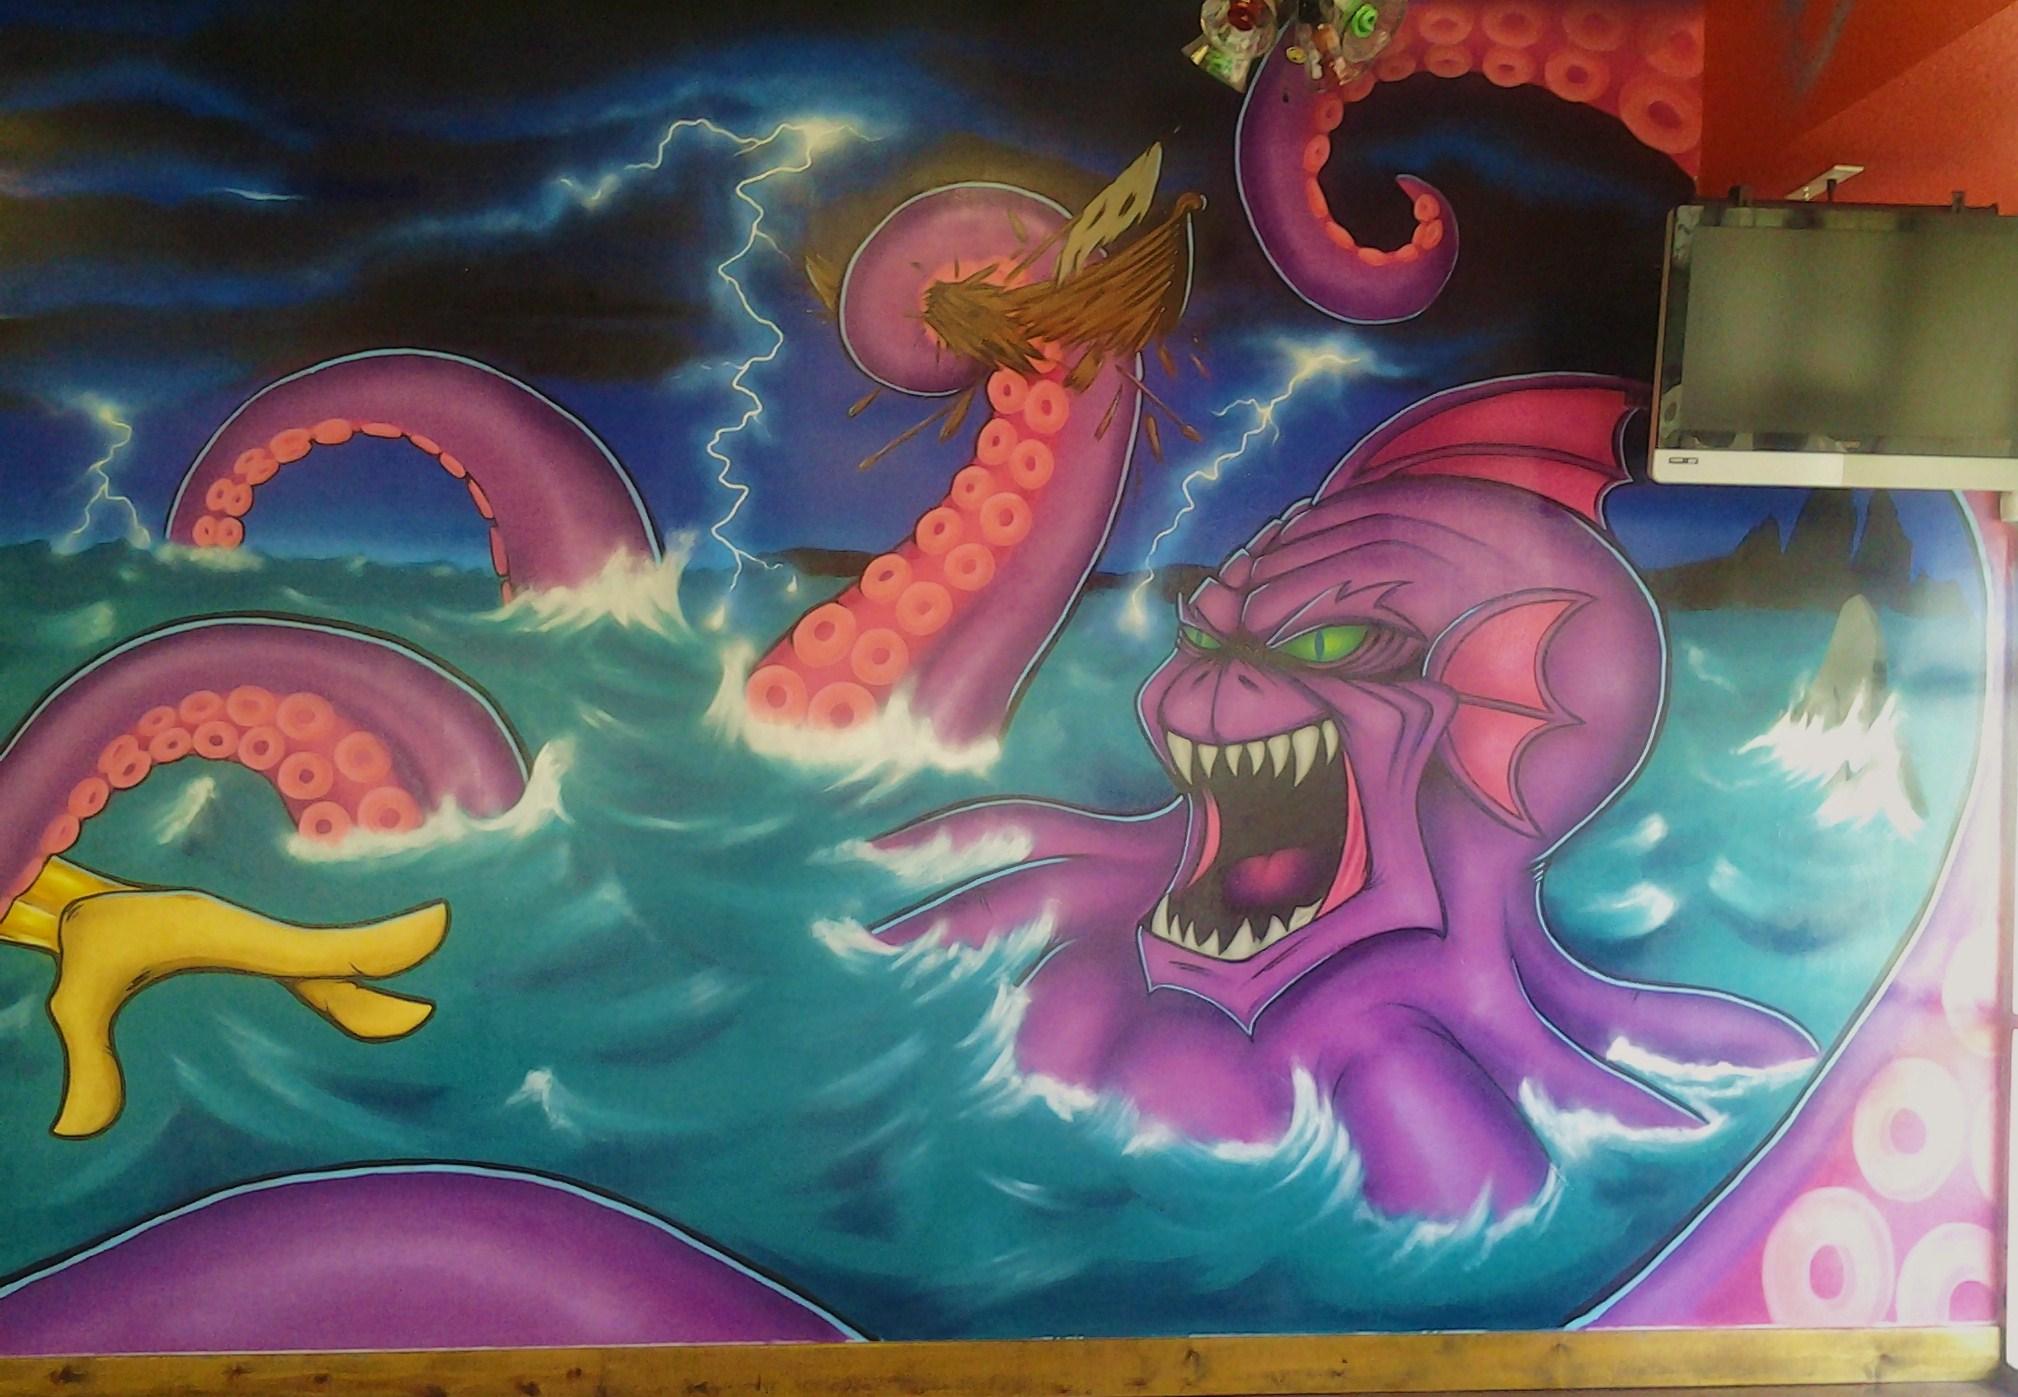 poseidon vs the kraken - photo #7